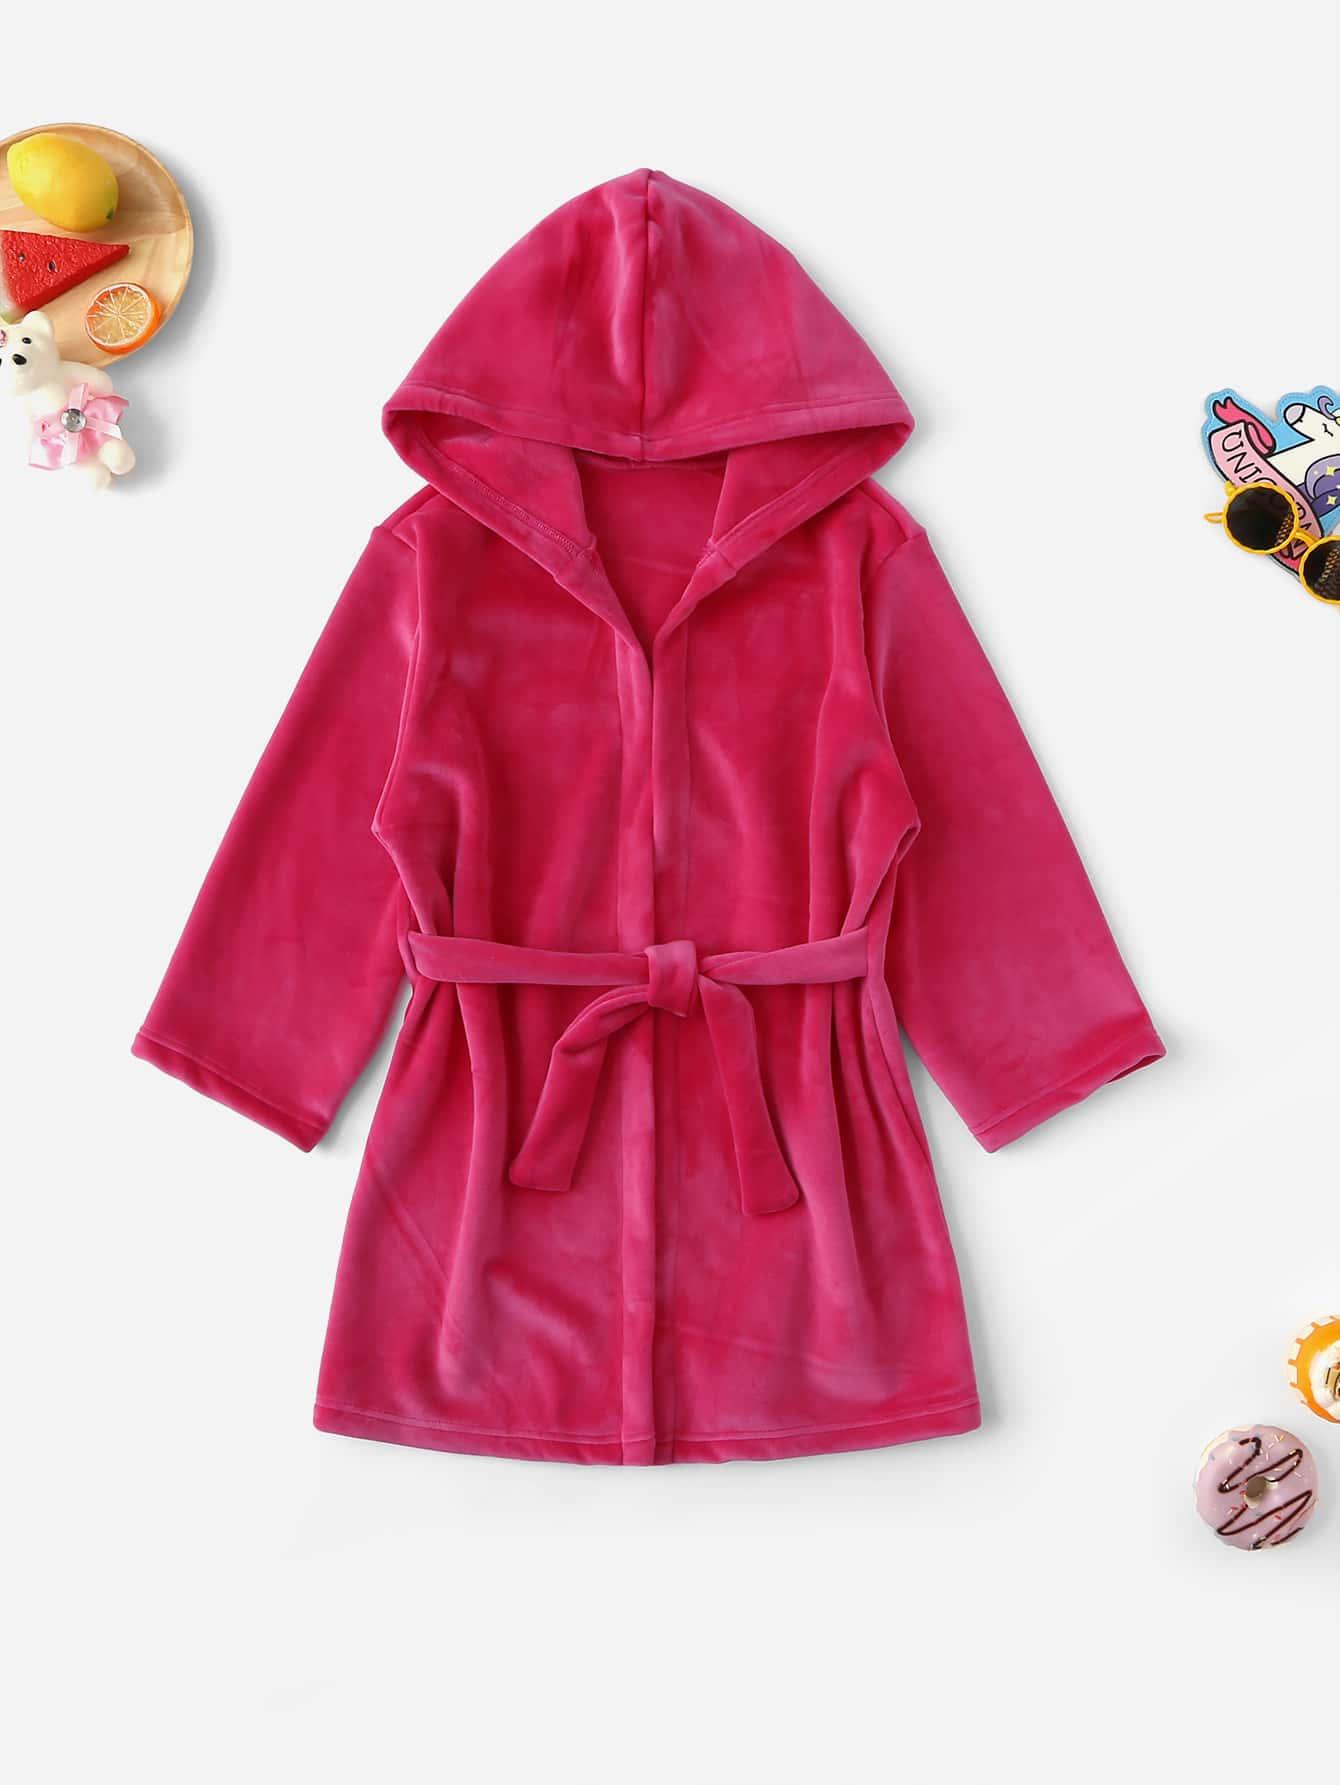 Пушистый домашний халат с капюшоном и поясом для девочек от SheIn